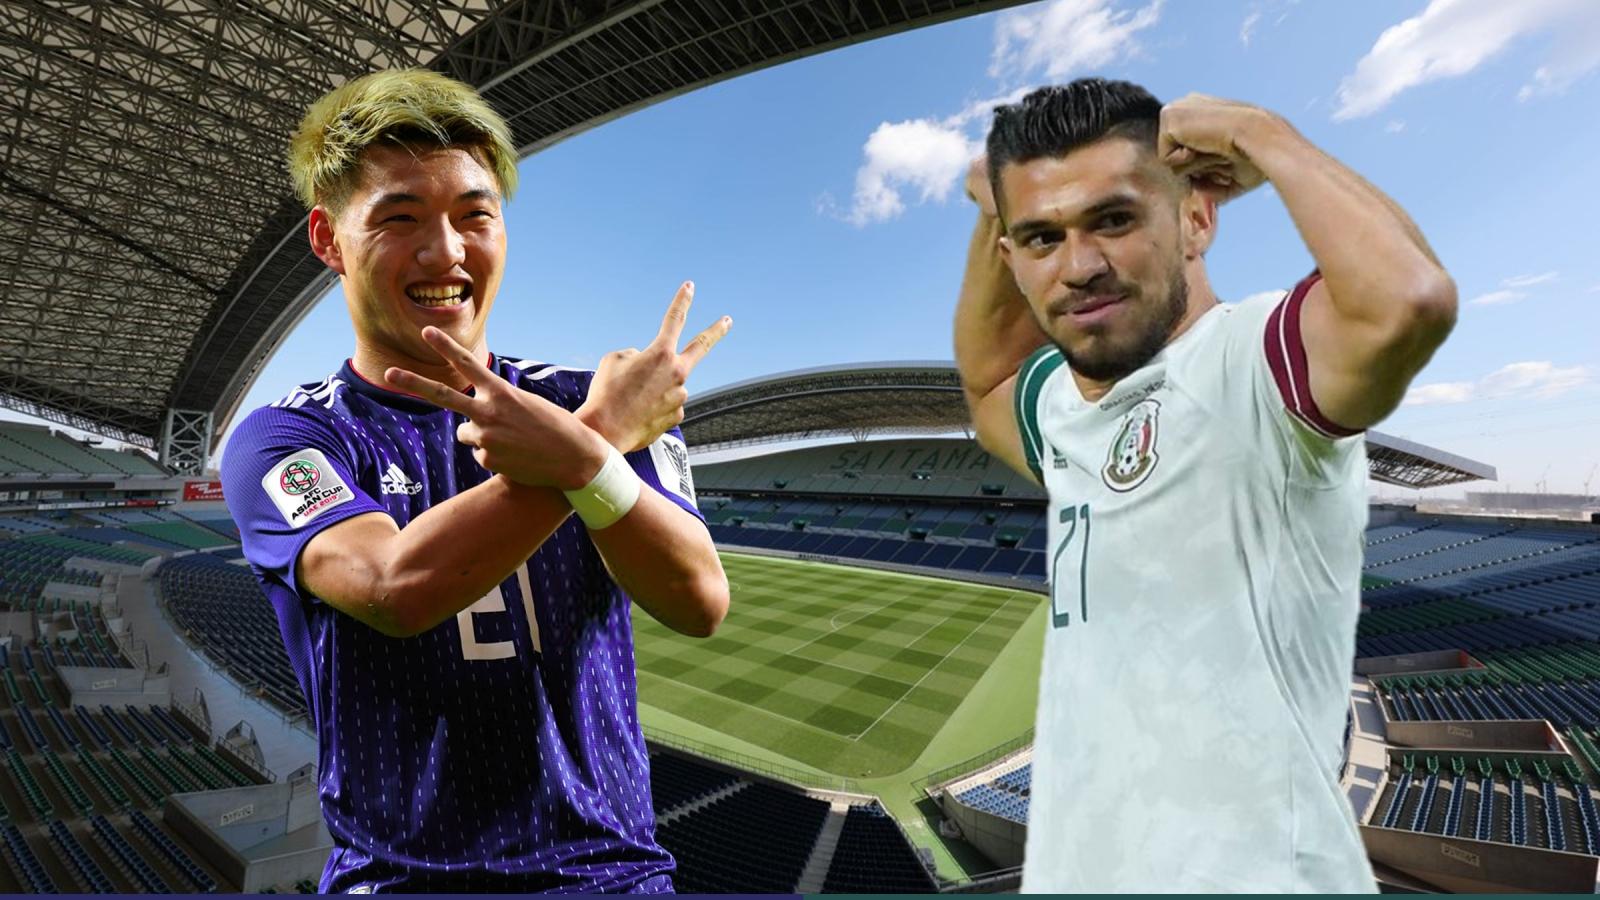 Dự đoán tỷ số, đội hình xuất phát trận Nhật Bản - Mexico